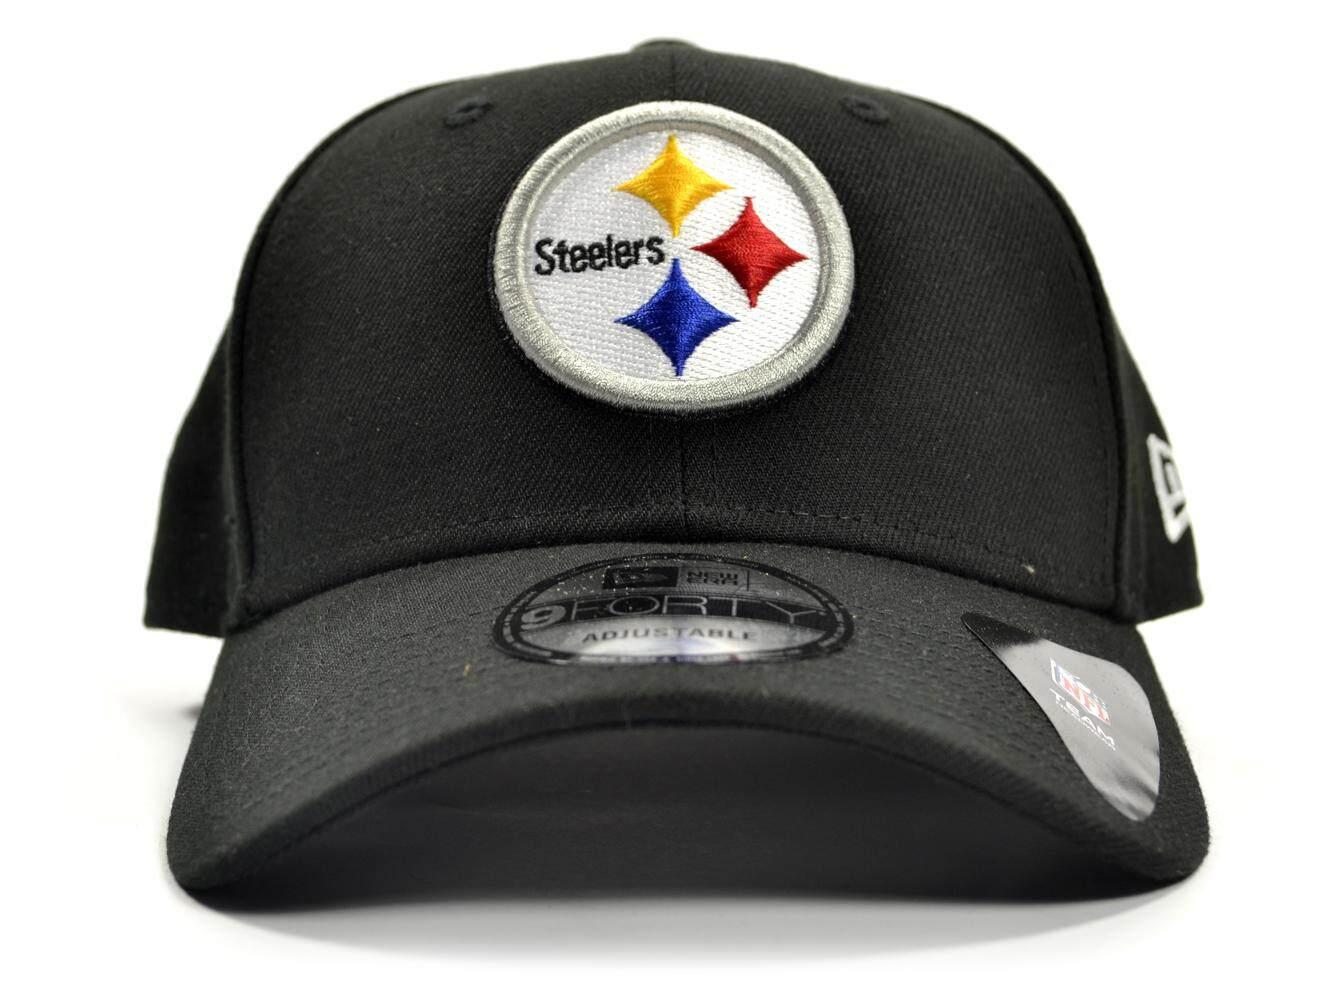 ddbf183453a New Era The League NFL Pittsburgh Steelers Baseball Cap